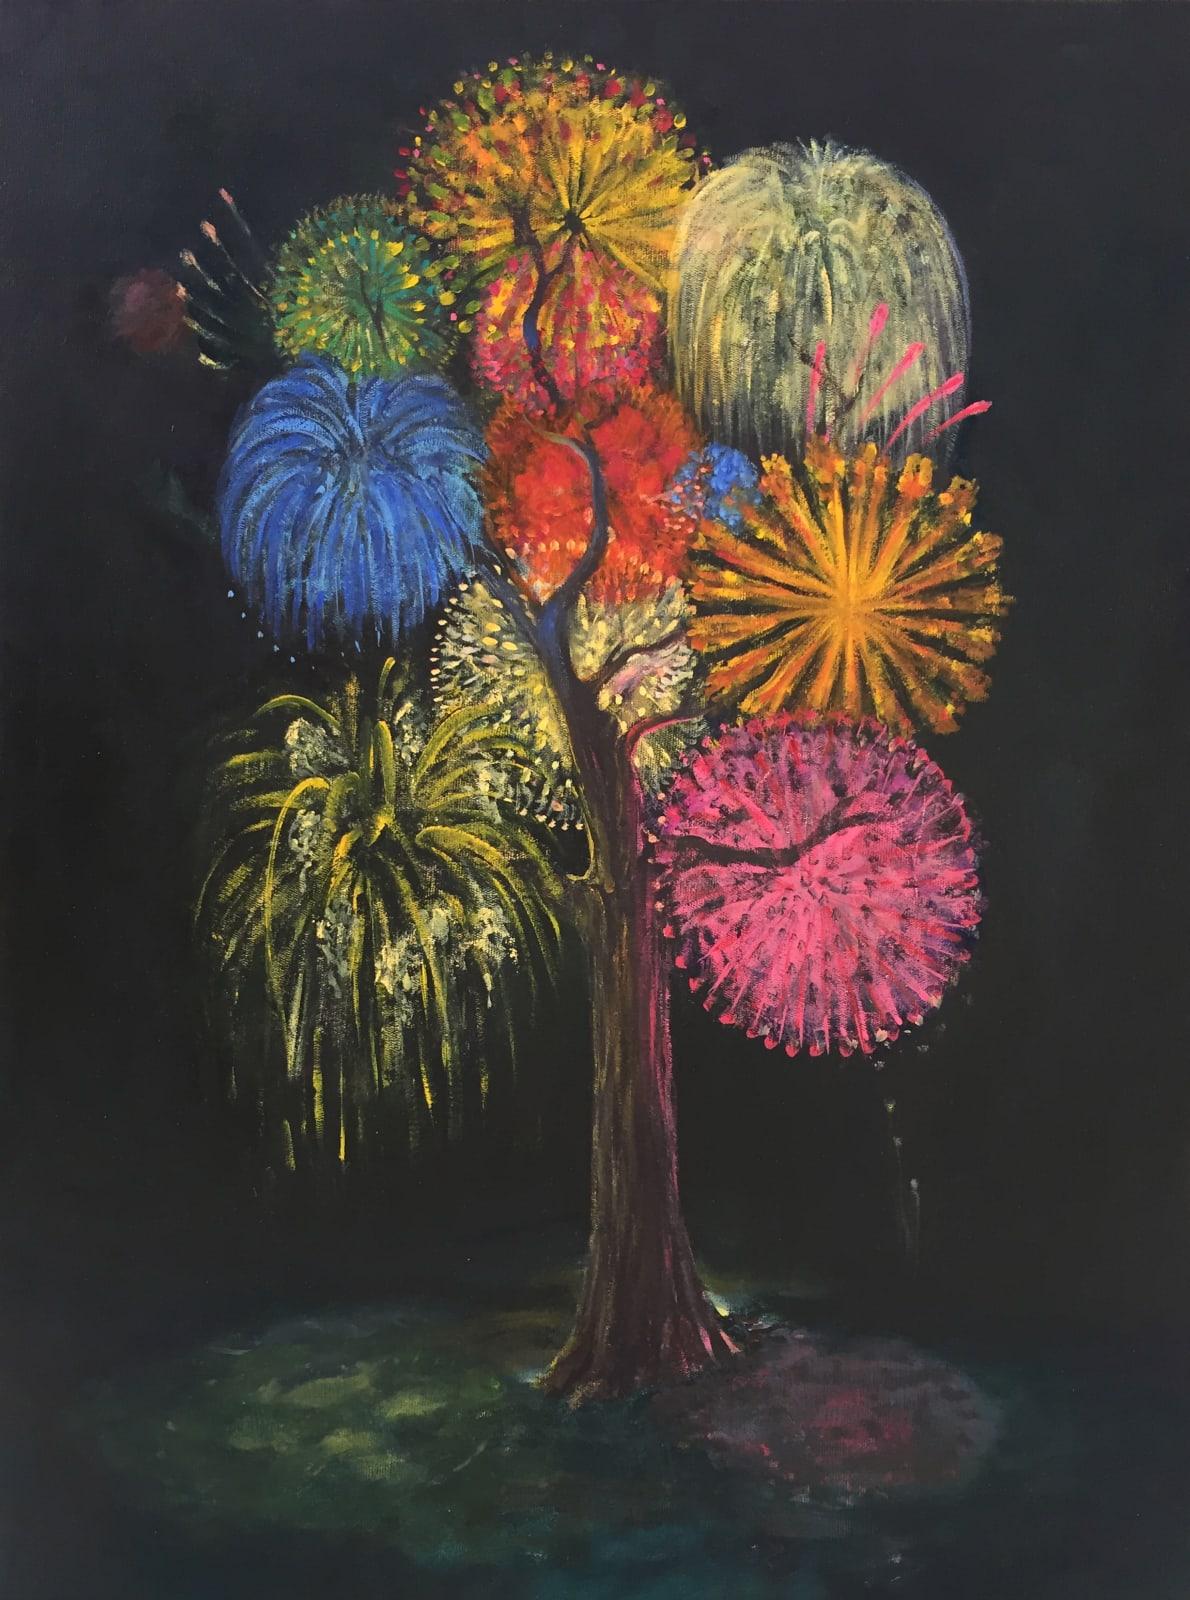 Ari Lankin, Tree I, 2019